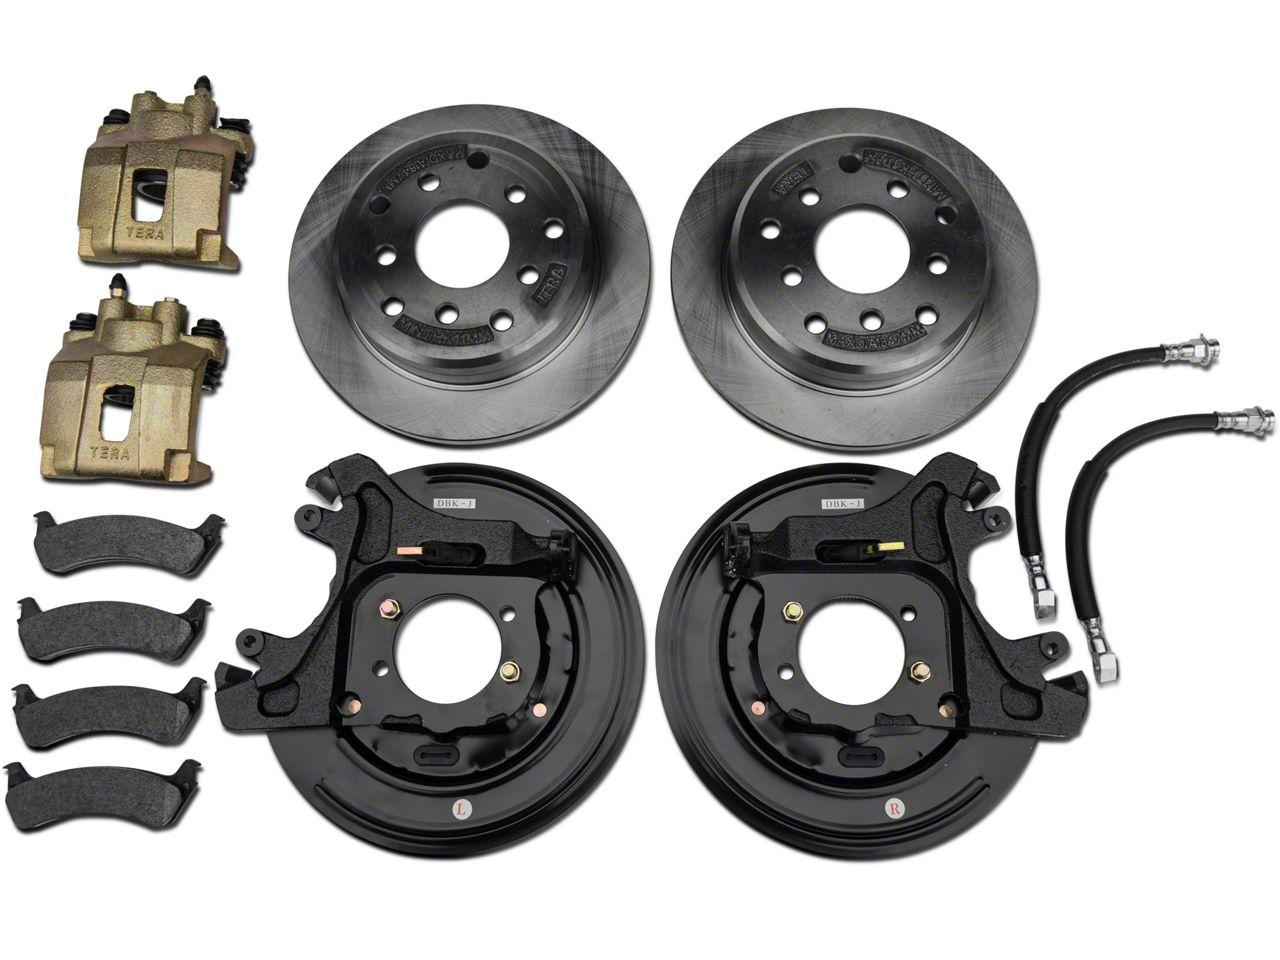 How to Install Teraflex Rear Disc Brake Kit - Late Model